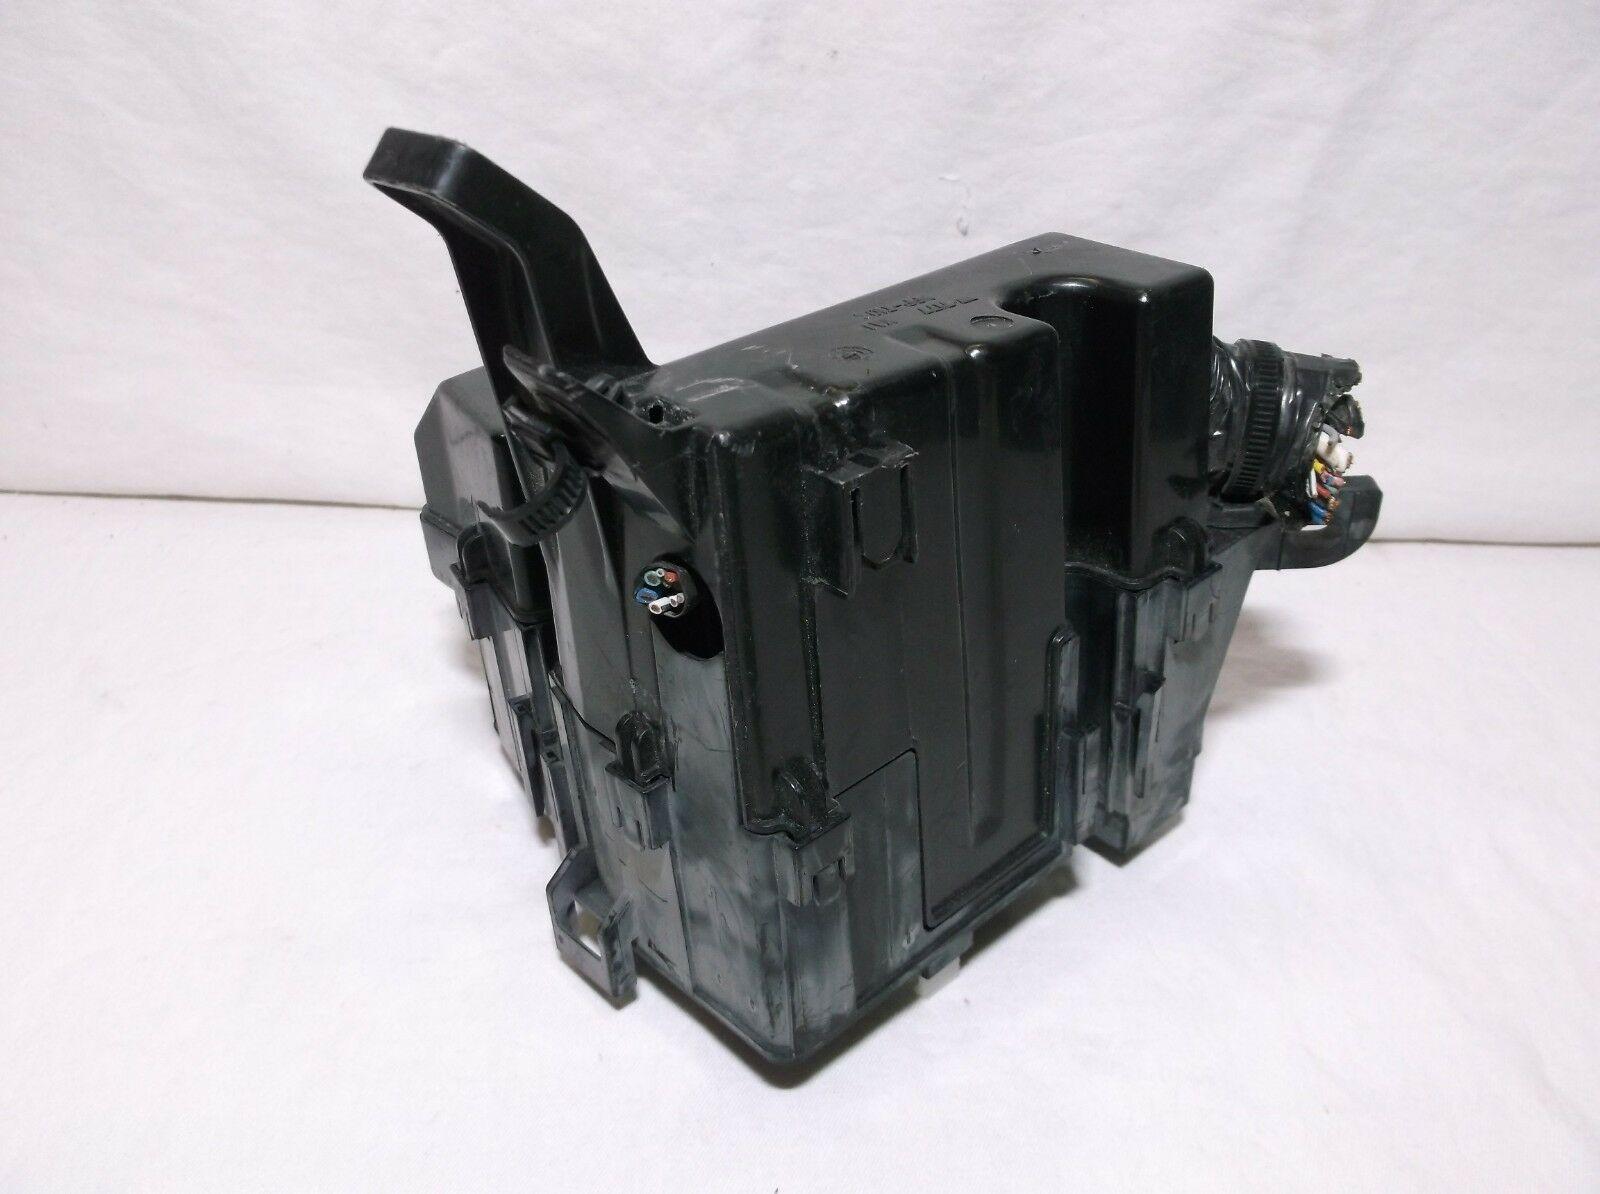 08-09-10-11-12-13-14-15 SCION XB/ ENGINE BAY/ FUSE/ RELAY ...